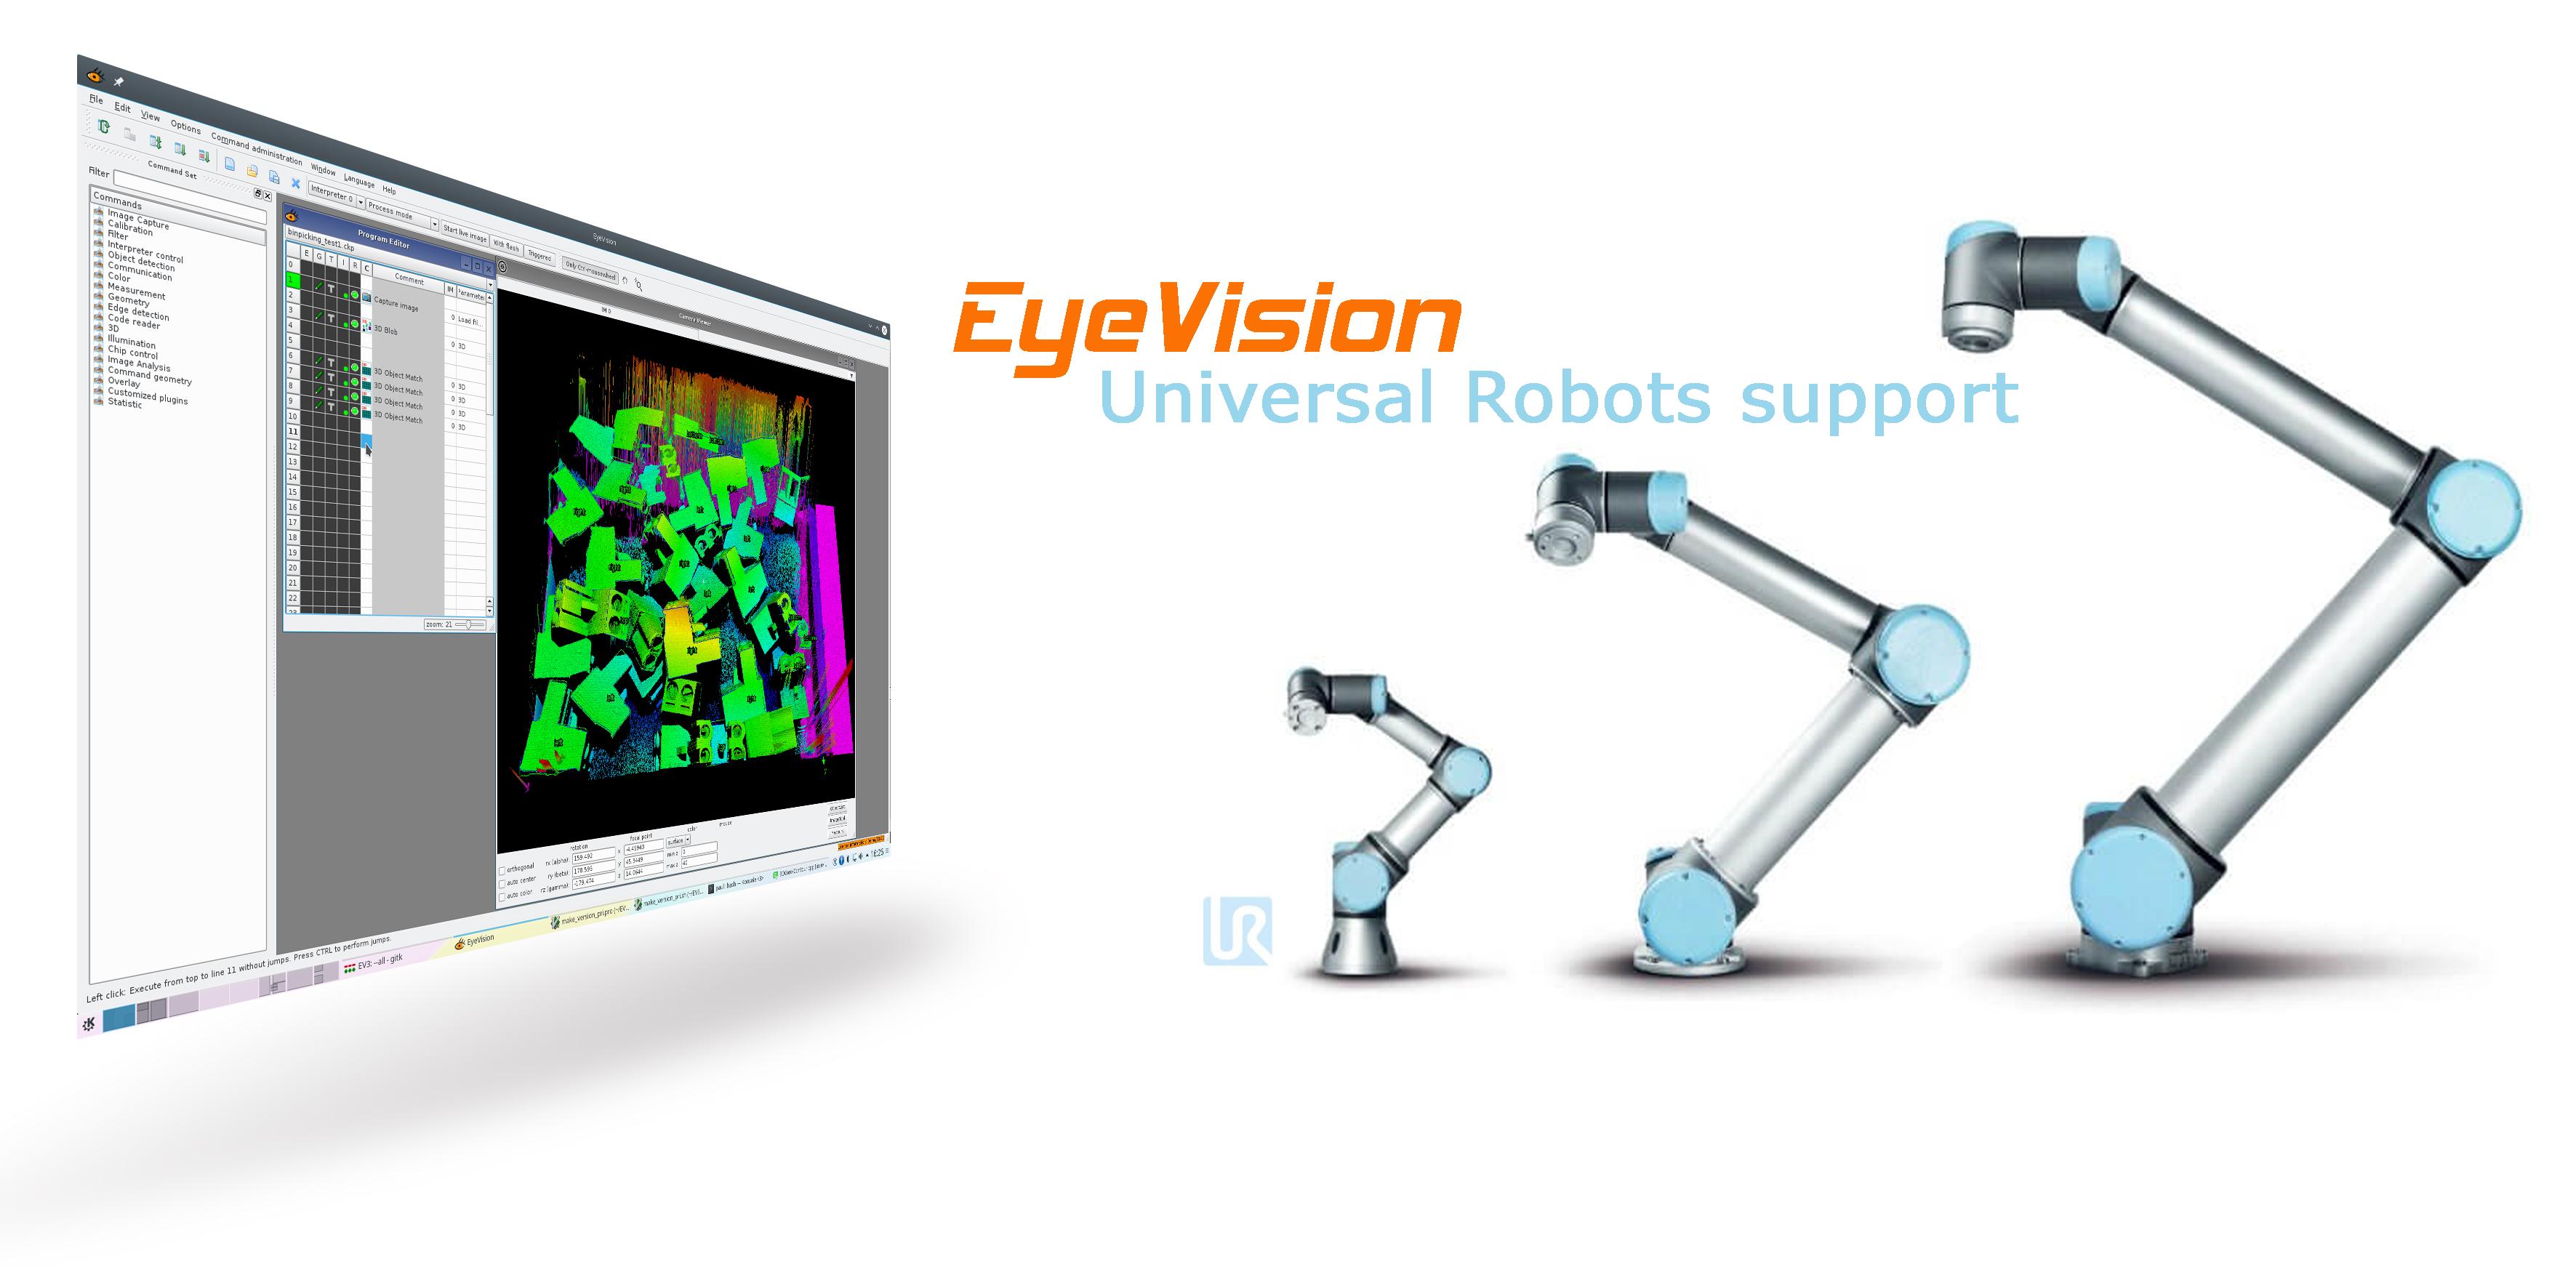 EyeVision 3.8 jetzt mit UR Befehl